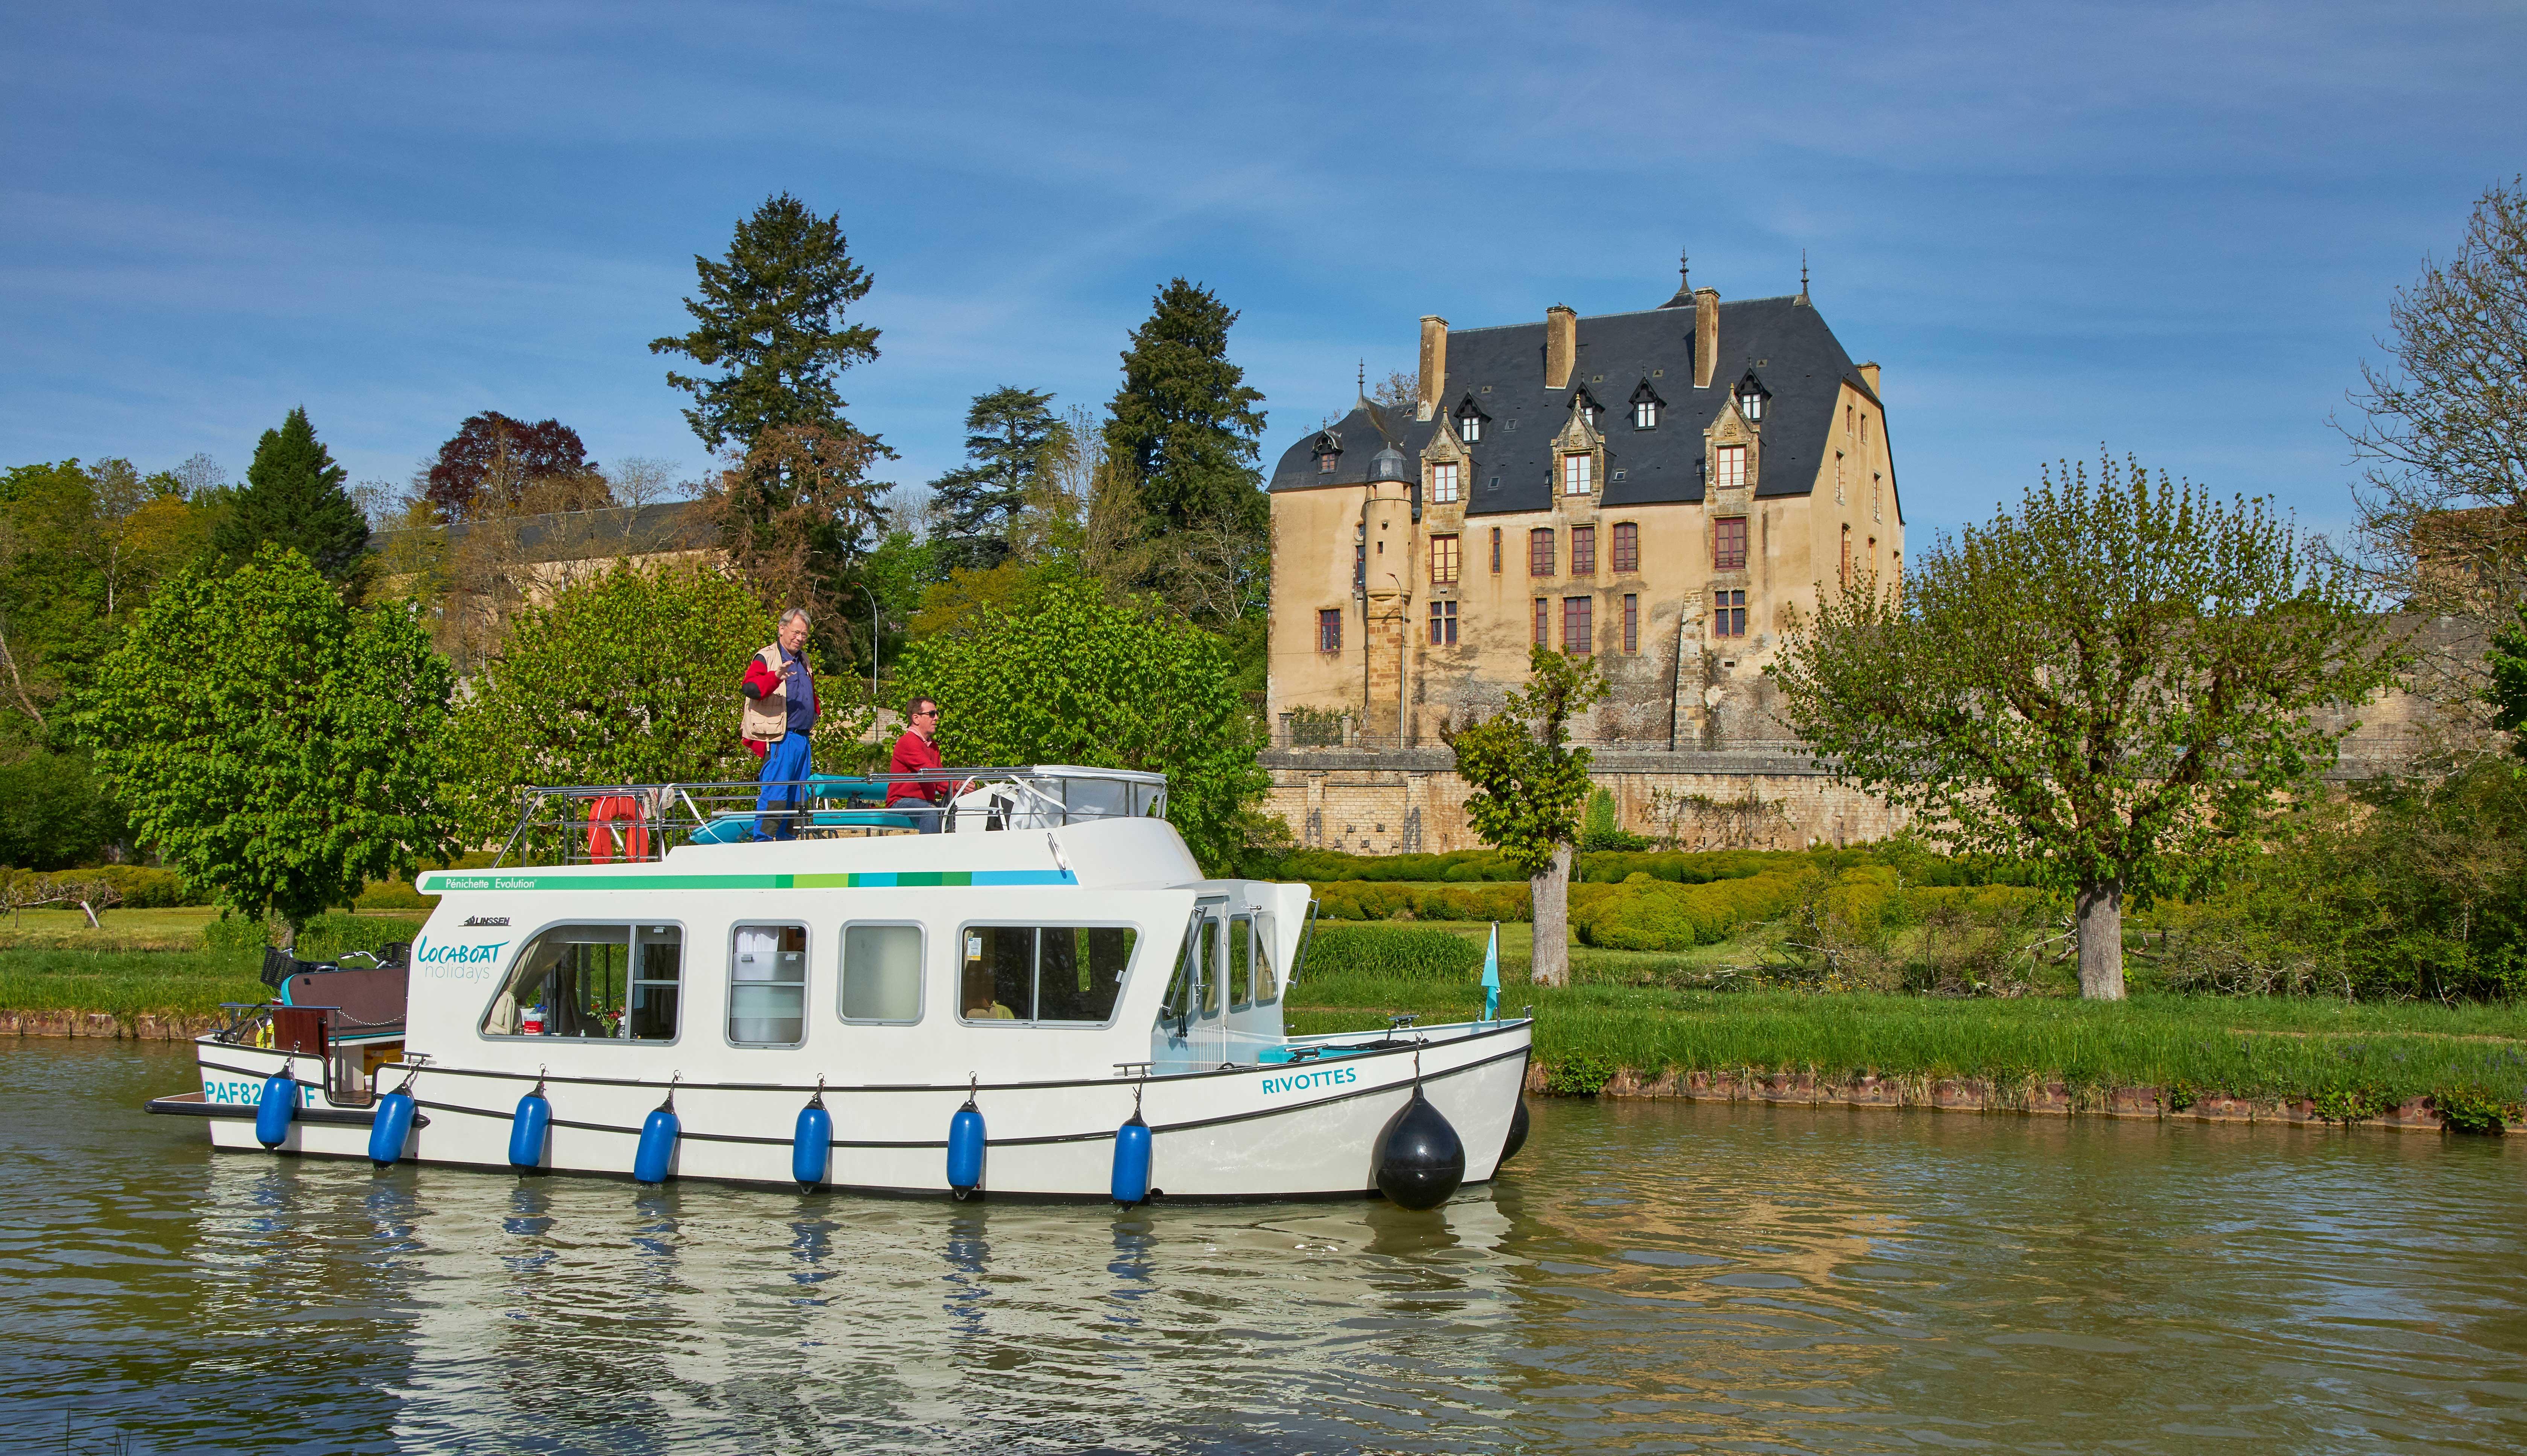 Croisiere-fluviale-bourgogne-canal-du-nivernais